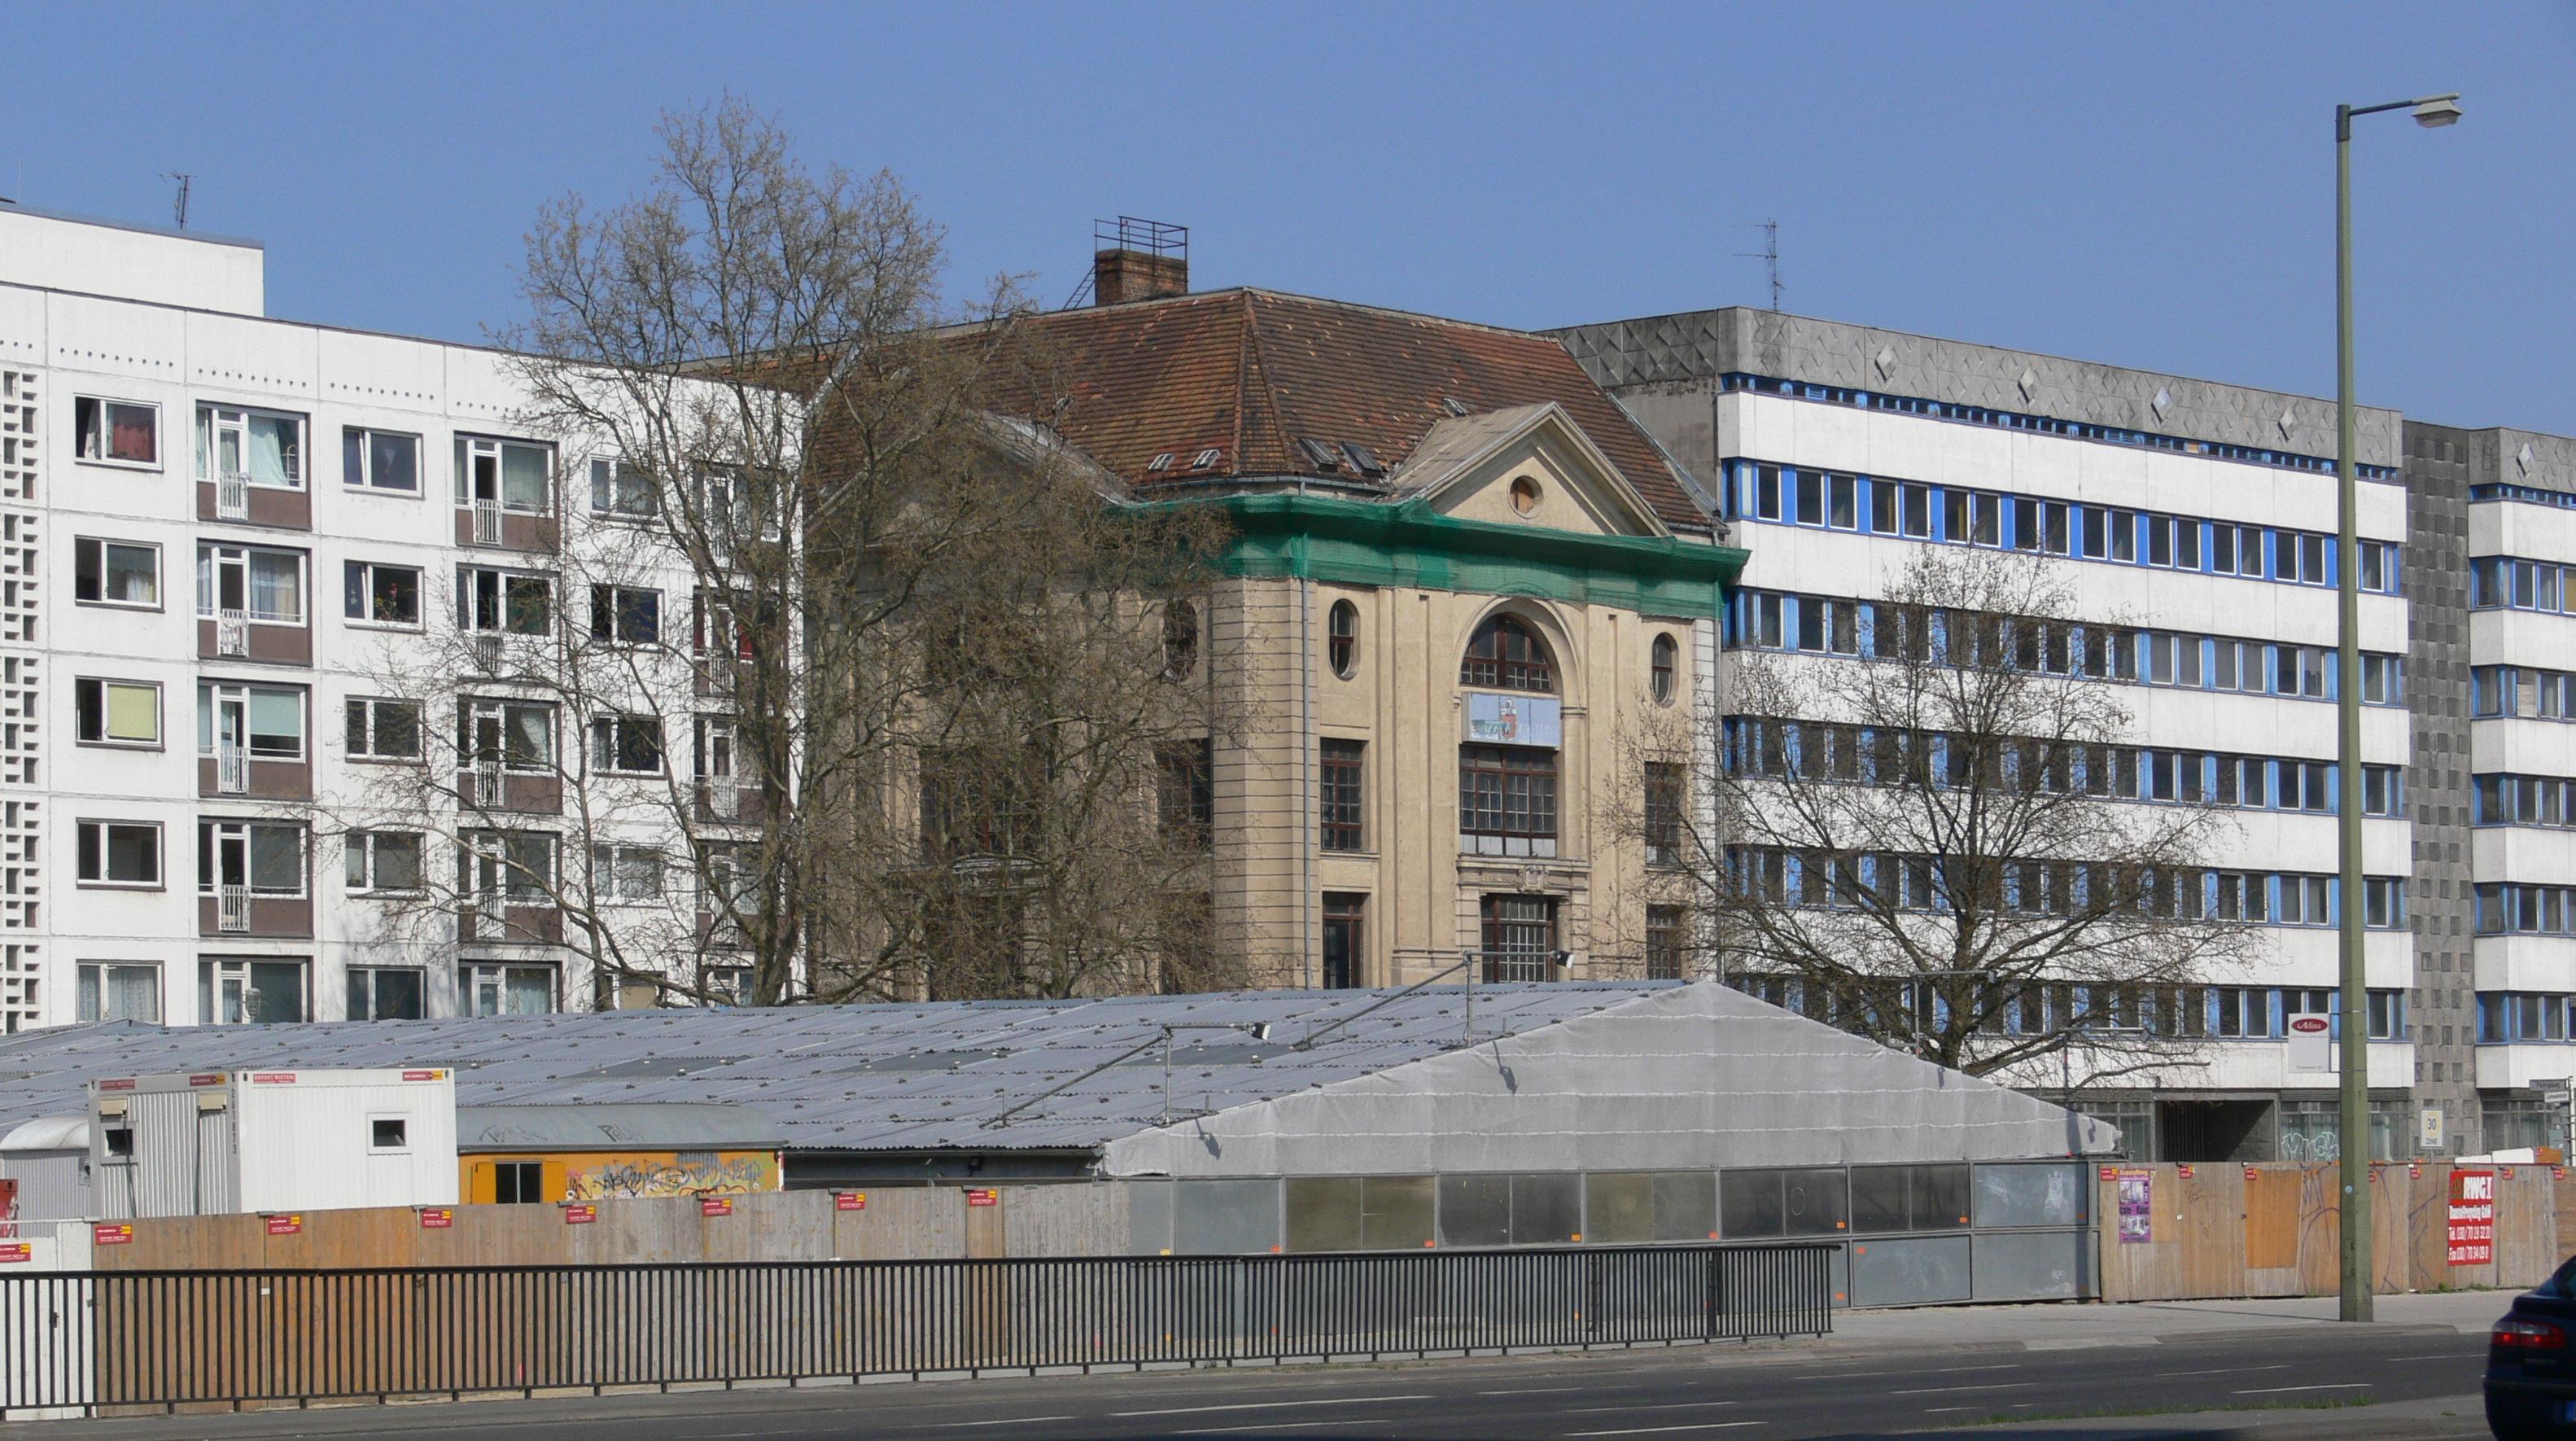 Zelt Cube Berlin : File berlin petriplatz zelt g wikimedia commons